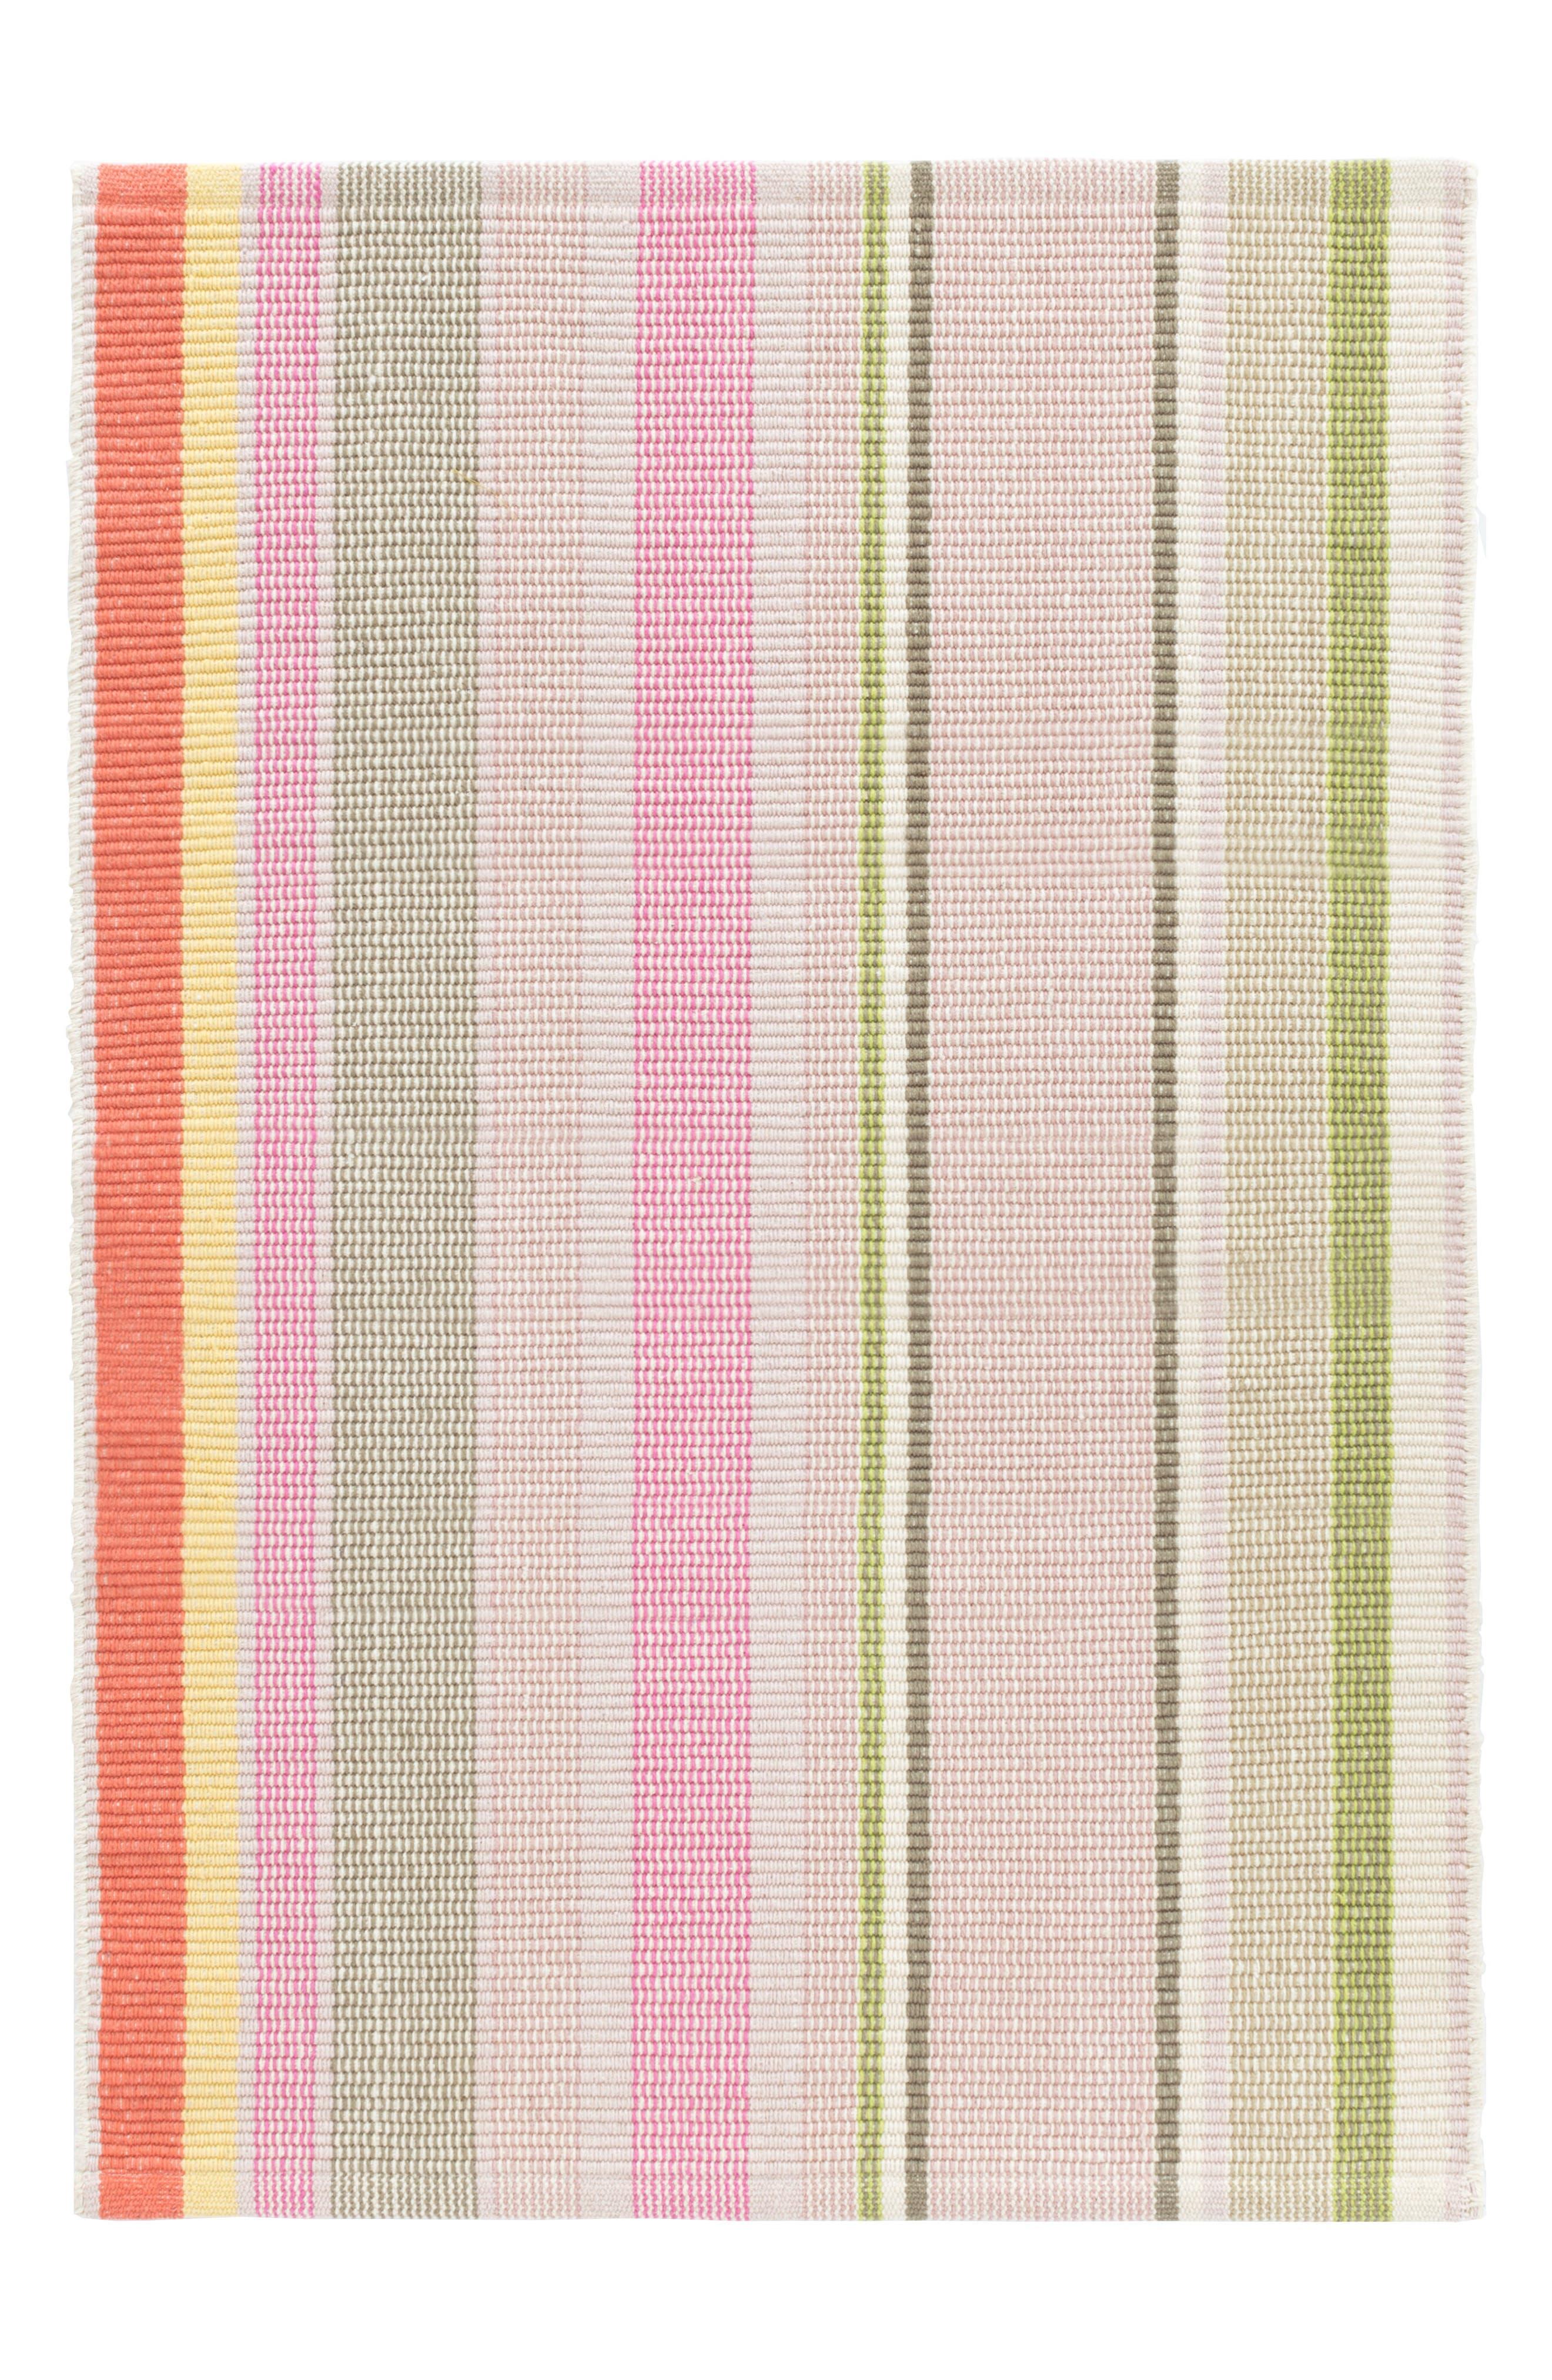 Paris Stripe Woven Cotton Rug,                         Main,                         color, Pink